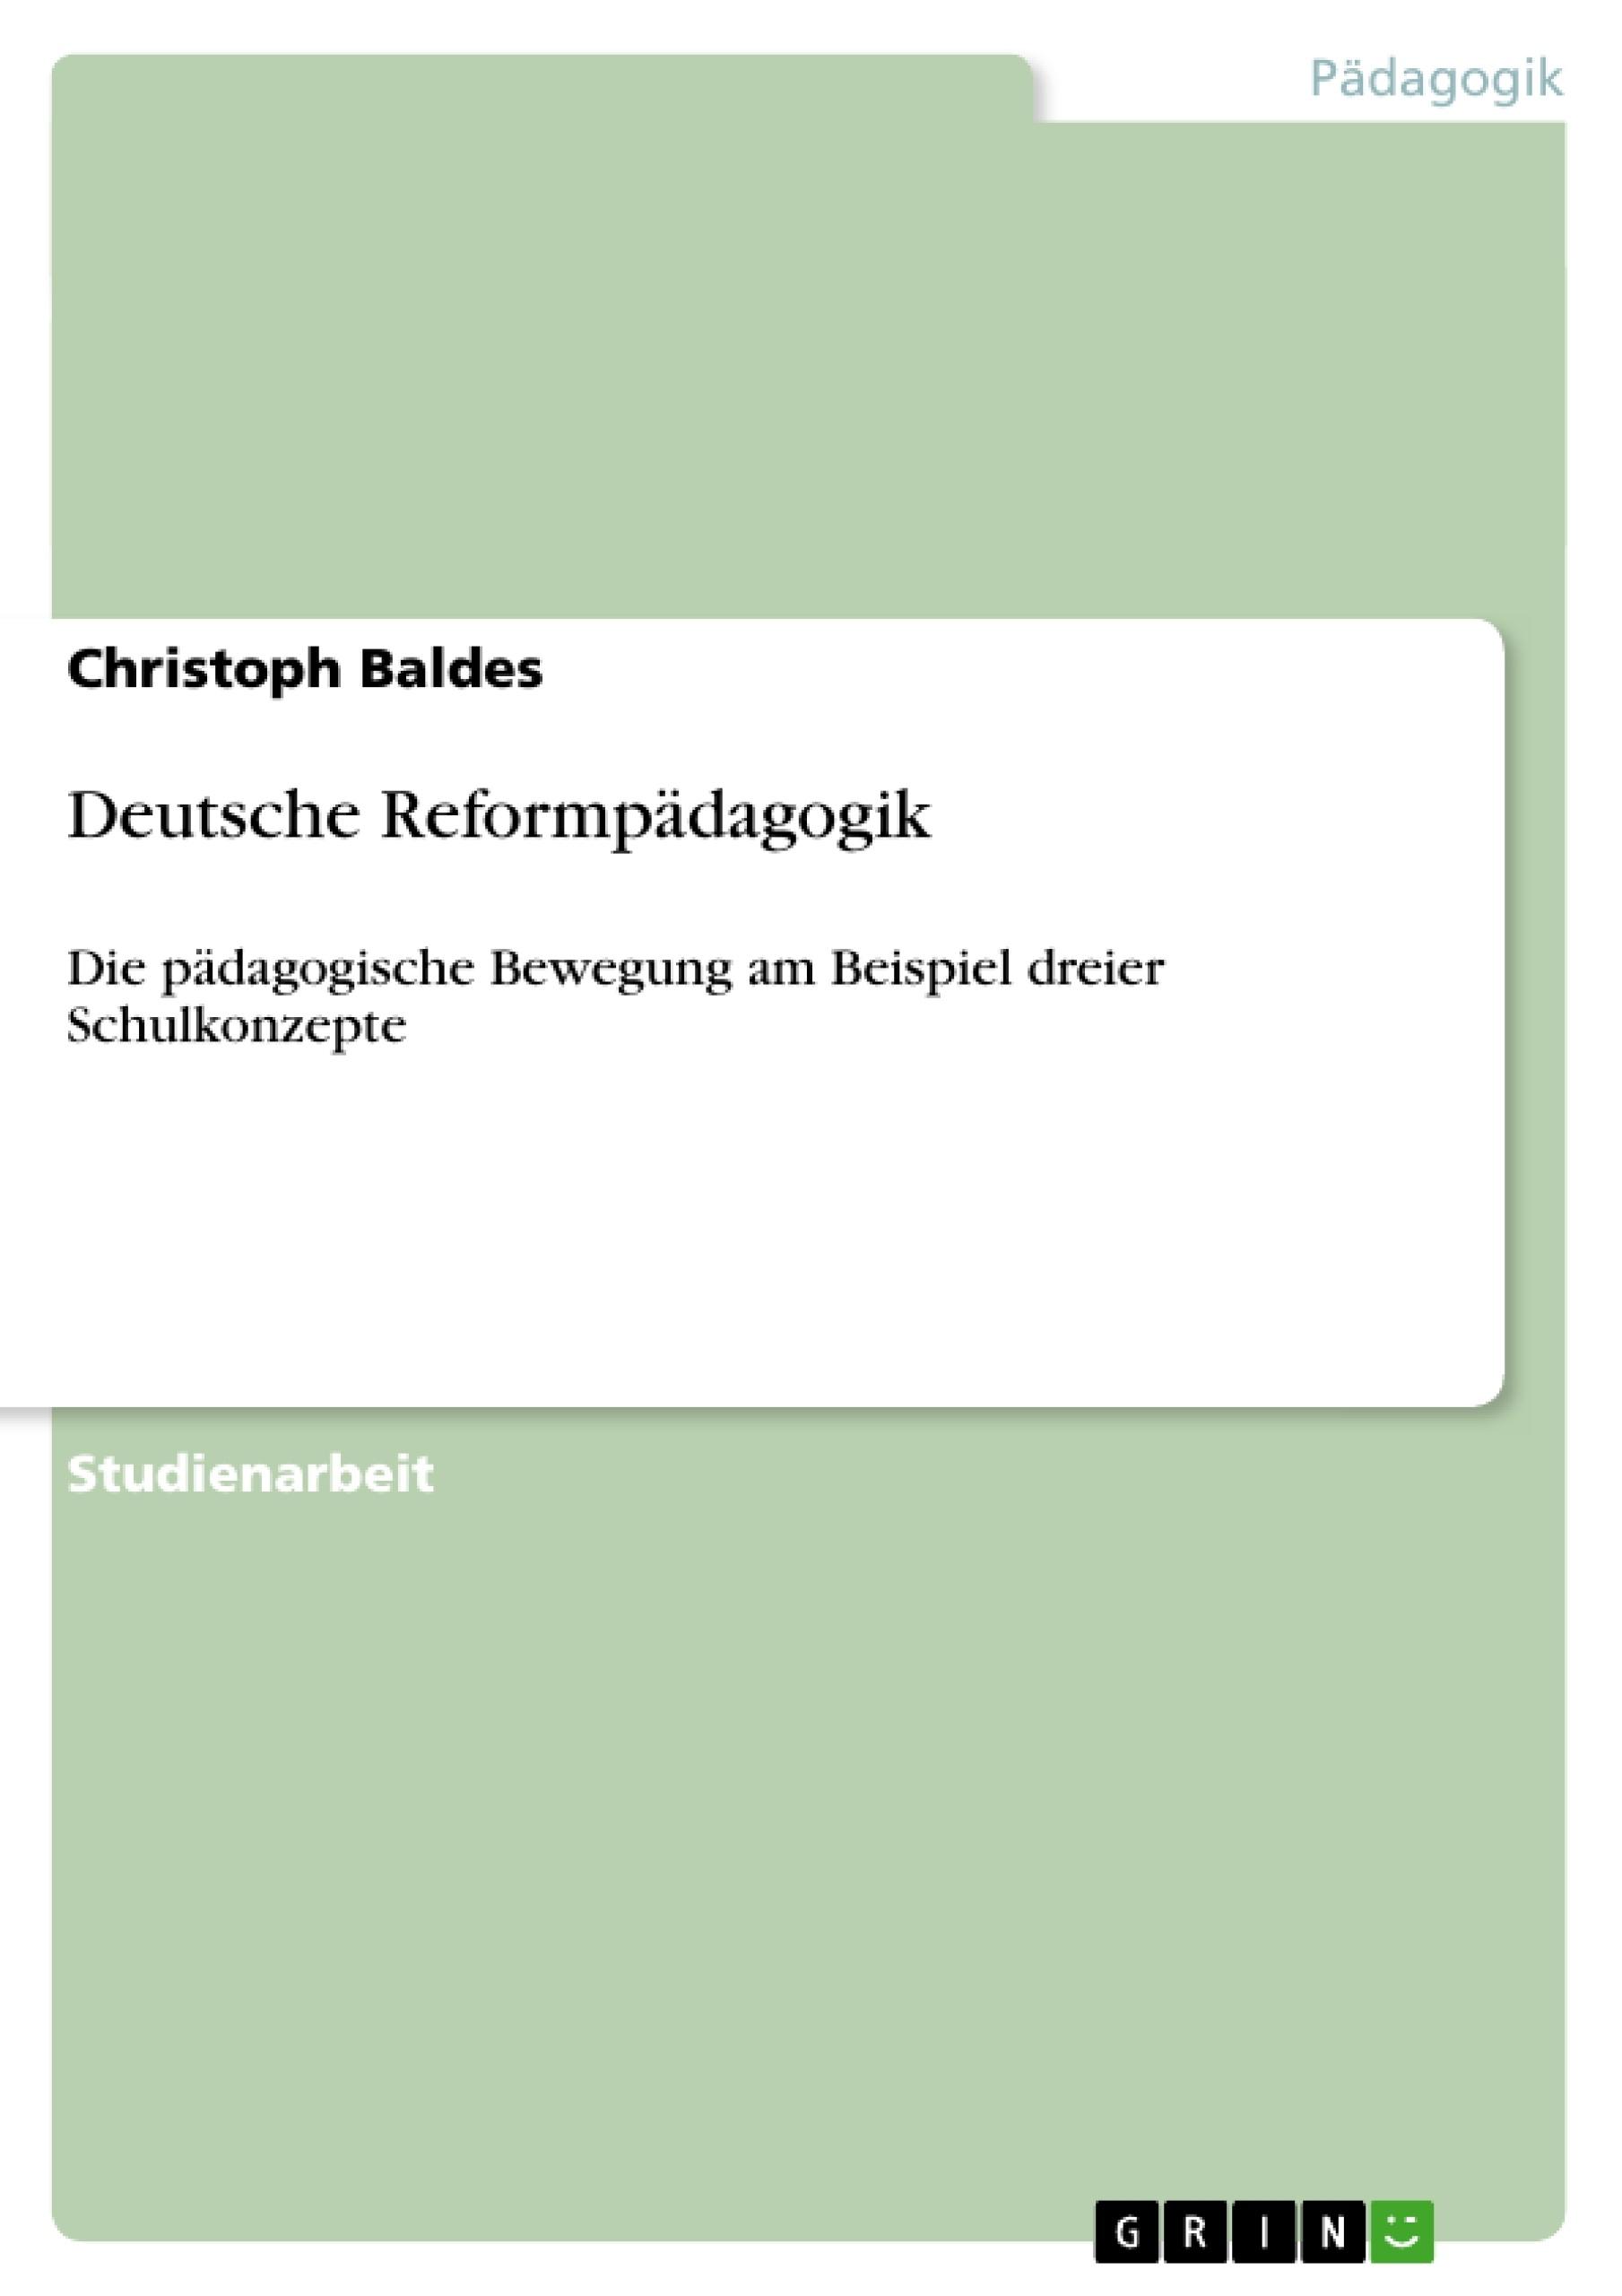 Titel: Deutsche Reformpädagogik